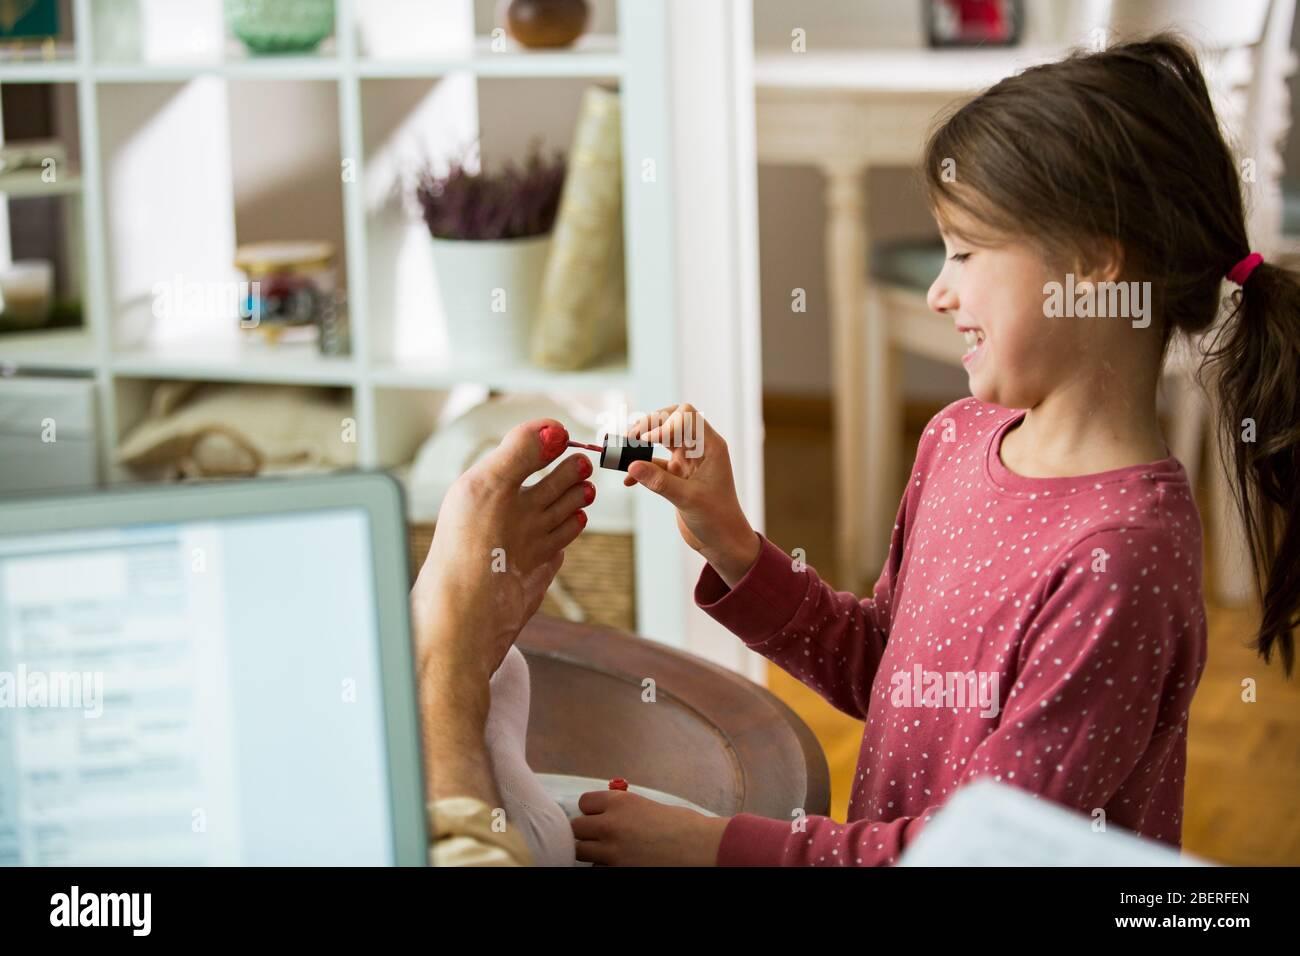 Enfants jouant et perturbant père travaillant à distance de la maison. Petite fille appliquant du vernis à ongles sur les ongles. Homme assis sur un canapé avec ordinateur portable. Famille Banque D'Images